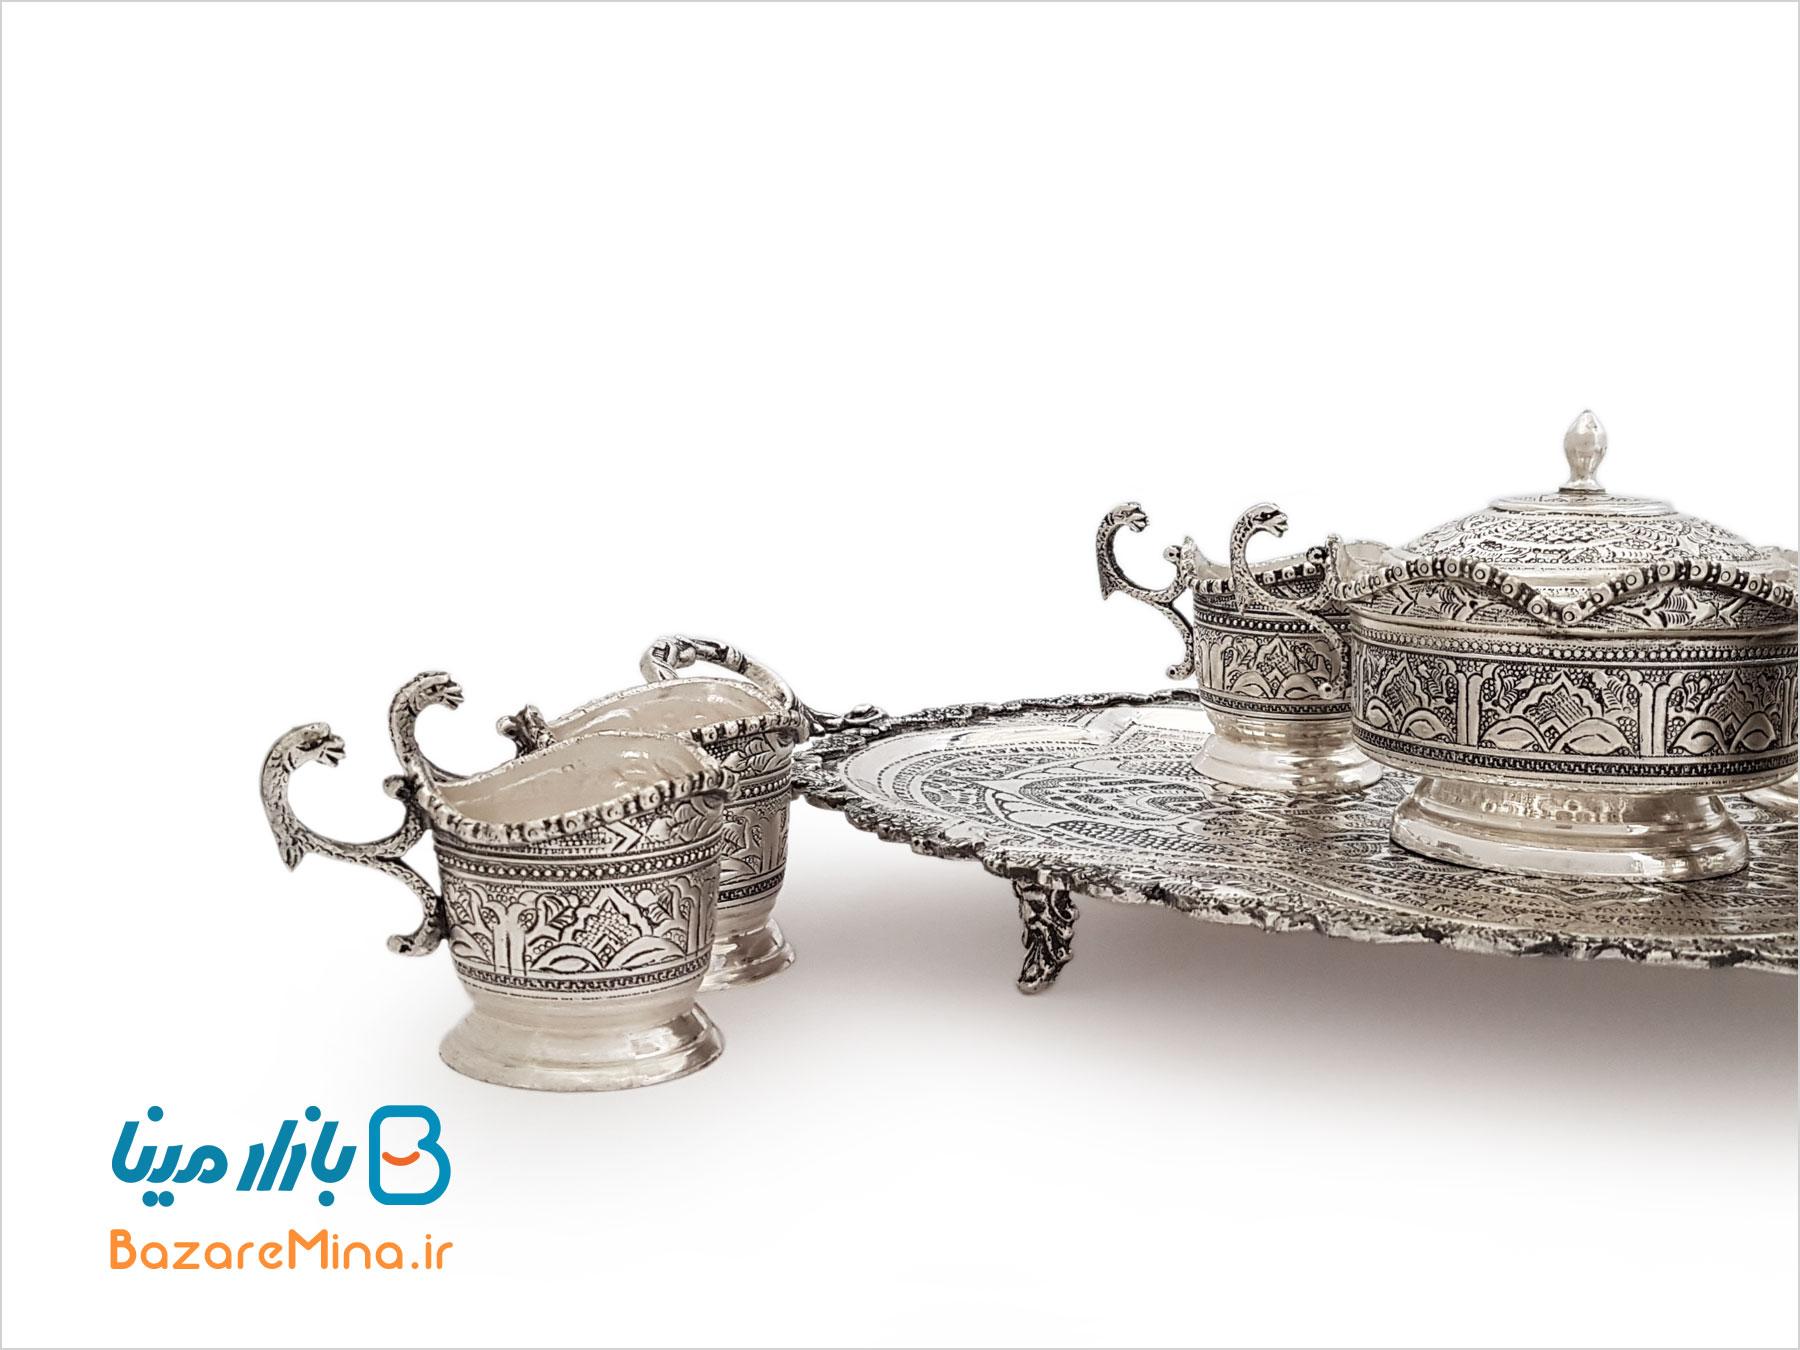 سرویس چای خوری قلمزنی آبکاری نقره